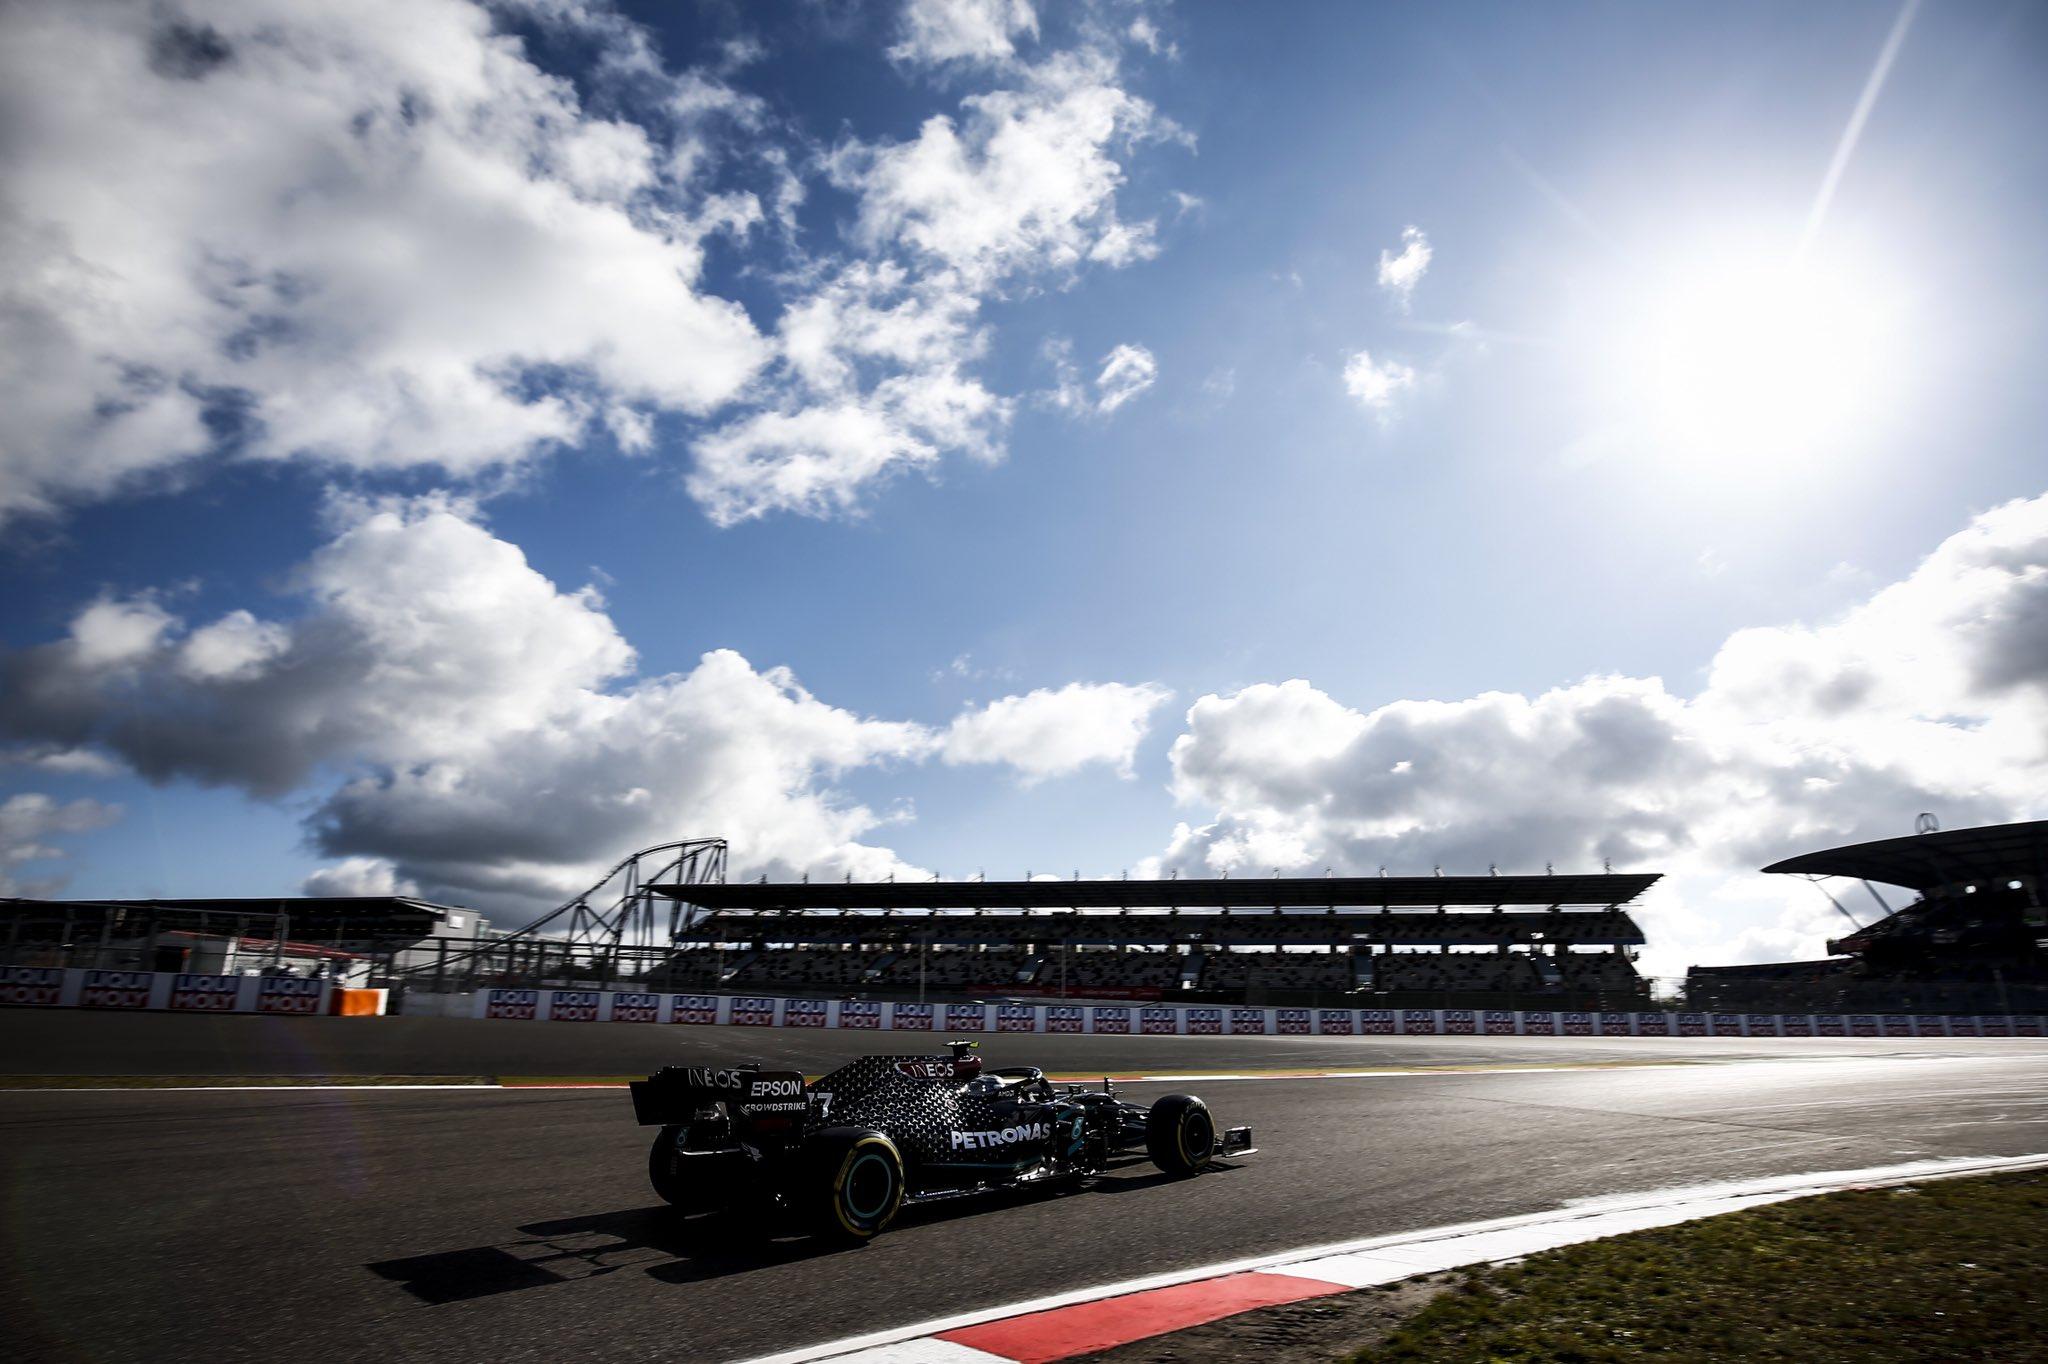 Боттас стал лучшим в тренировке Гран-при Айфеля, Стролла может заменить Хюлькенберг